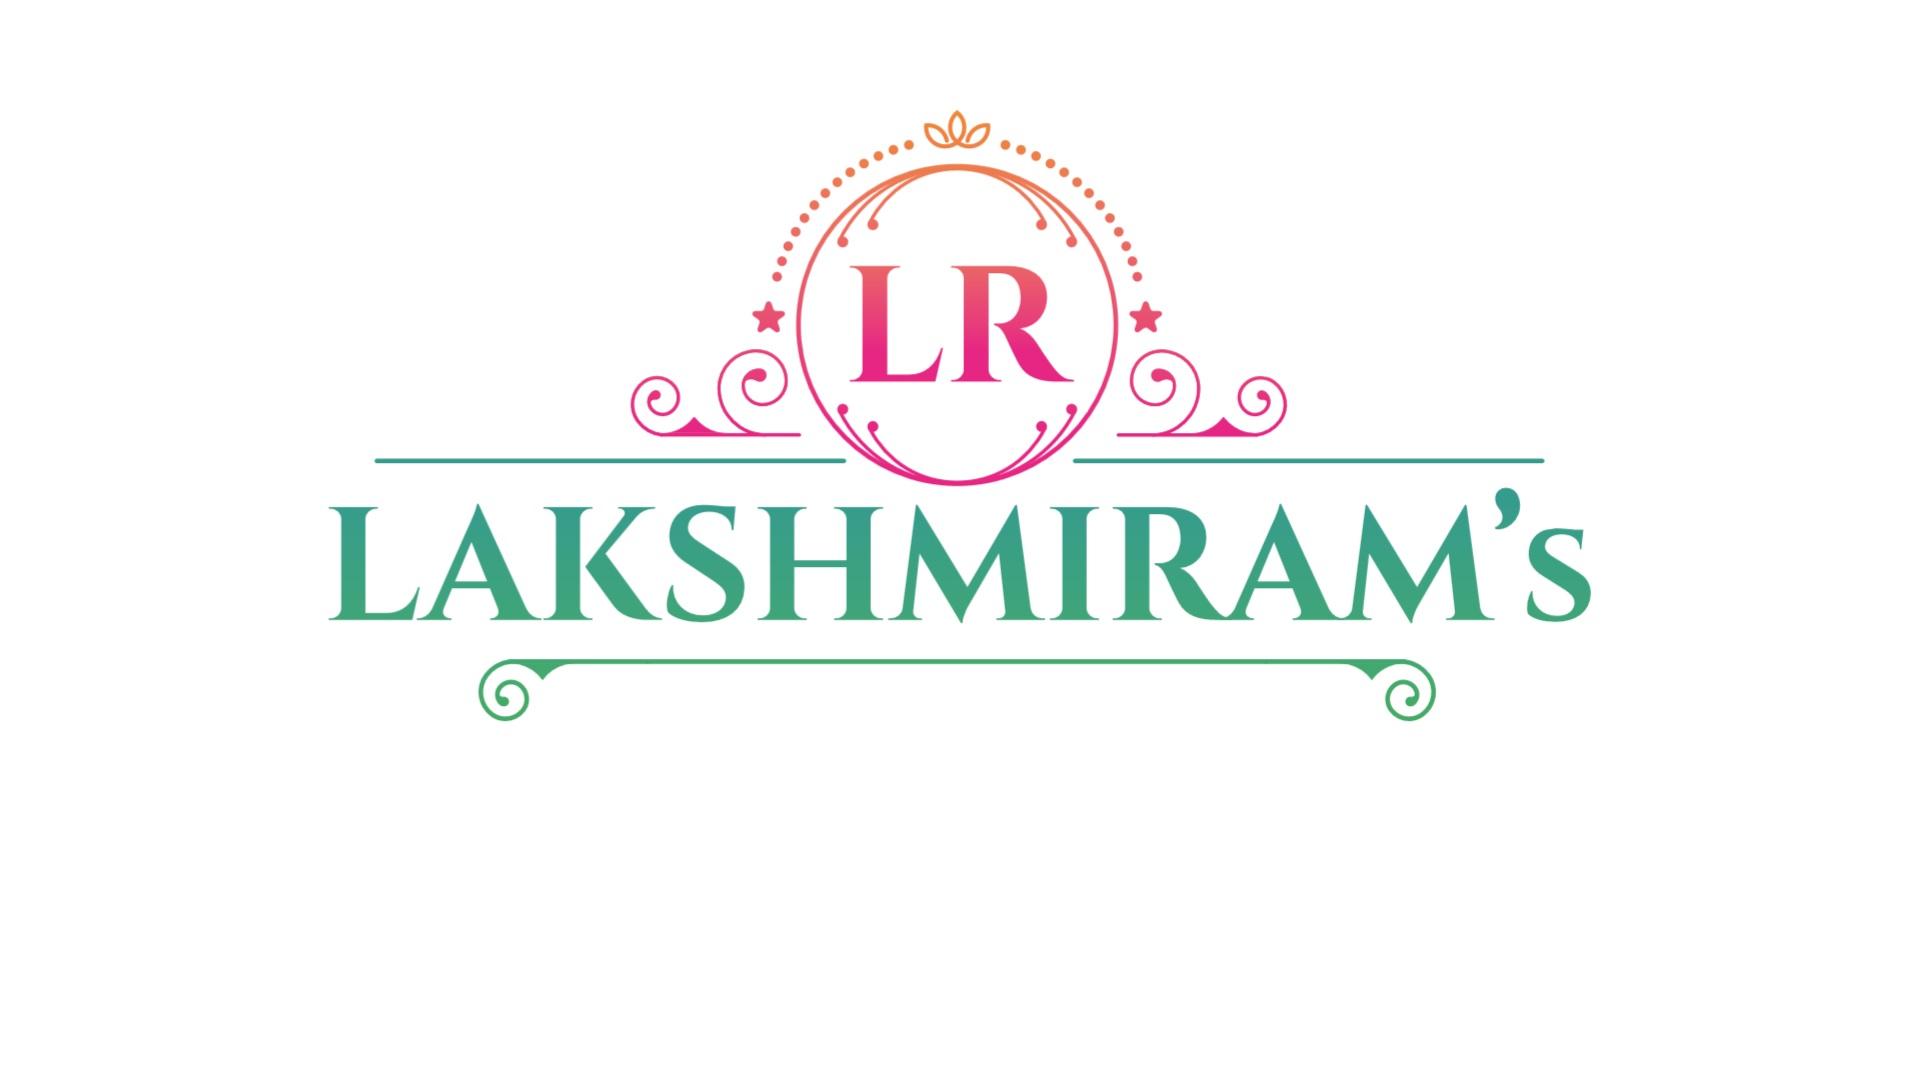 LAKSHMIRAMS